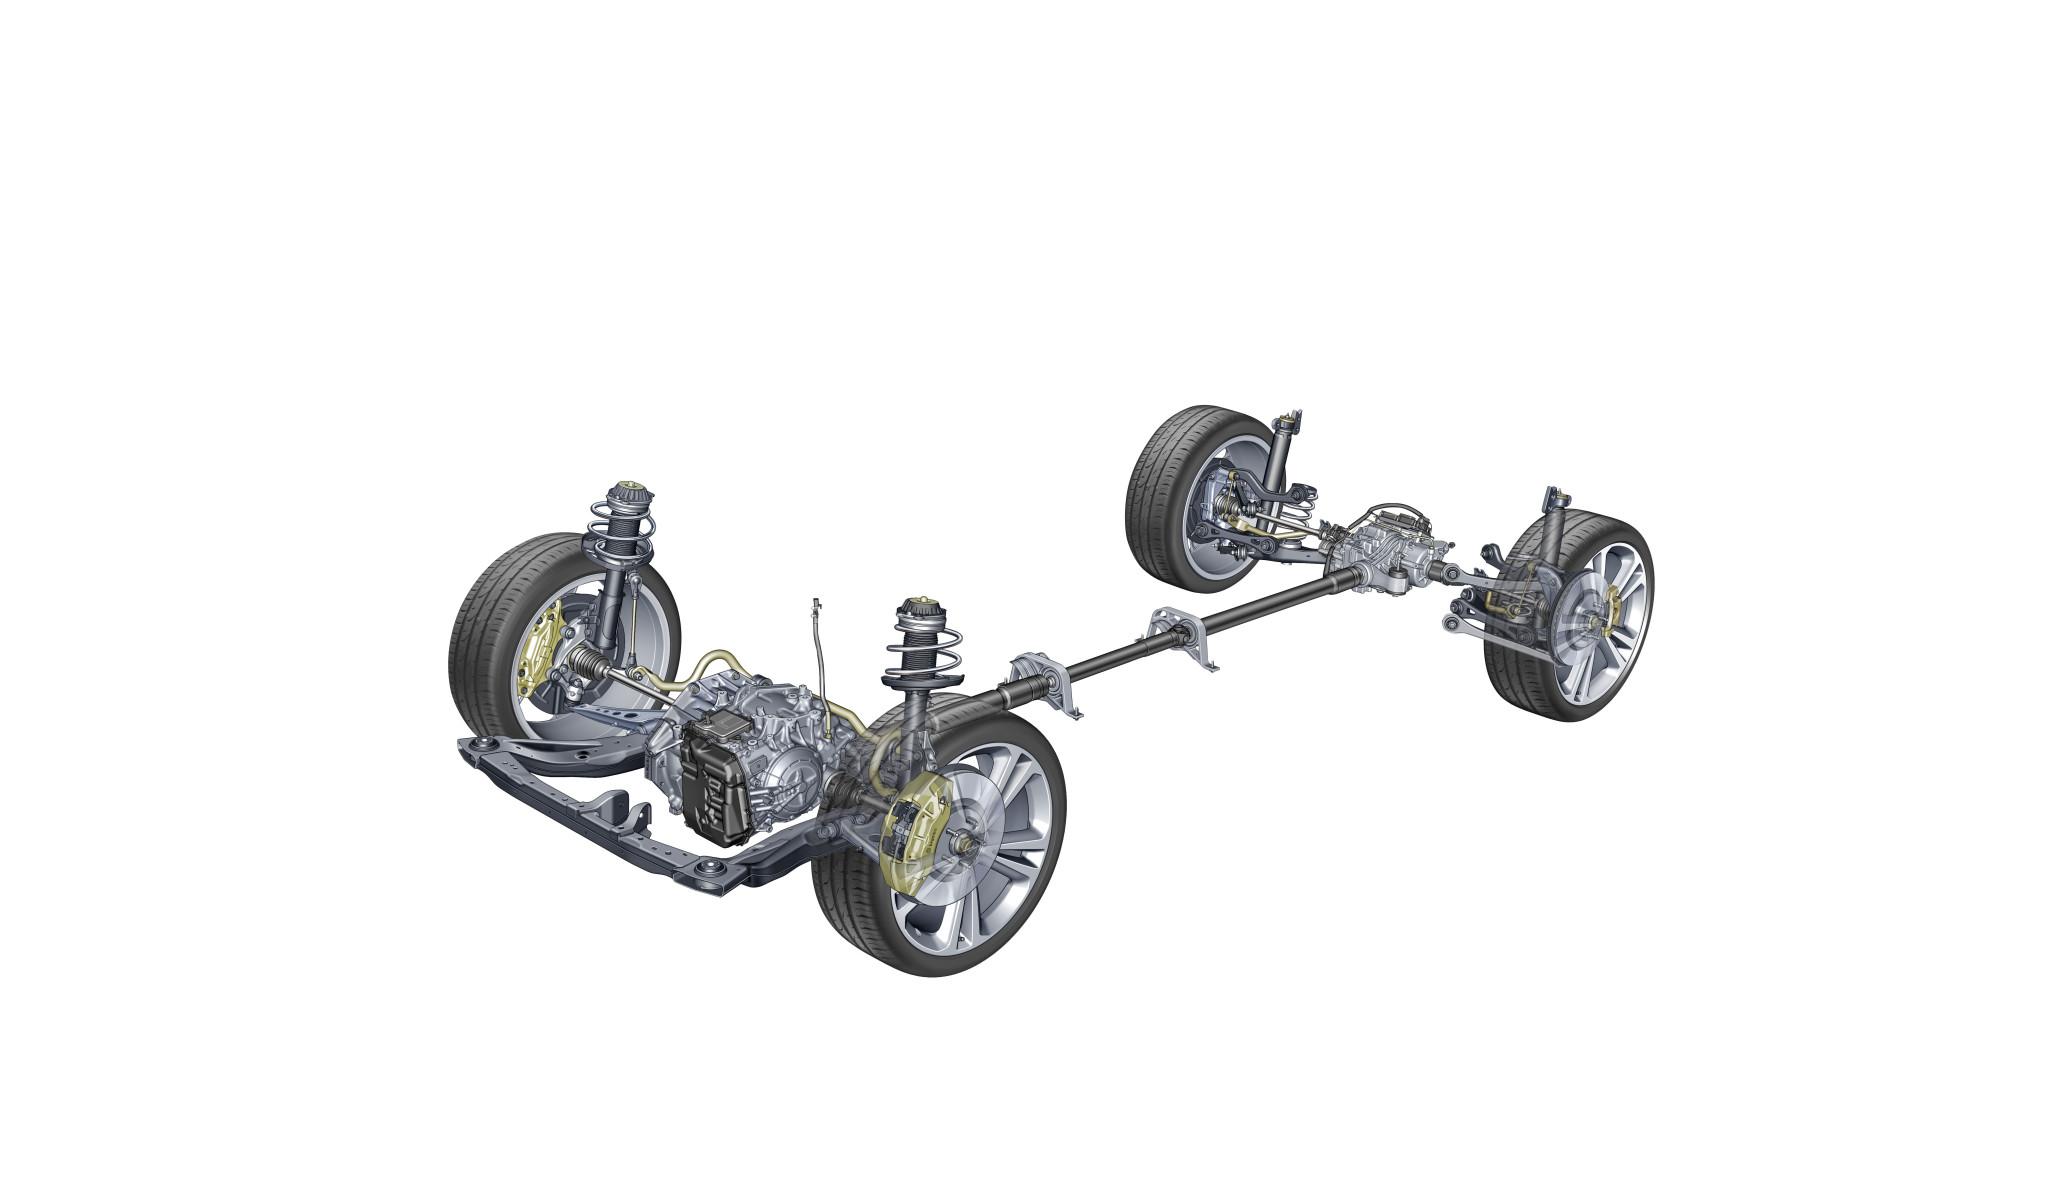 Napęd na wszystkie koła w Insignii może kierować moment obrotowy na jedno lub obydwa tylne koła niezależnie, co umożliwia wektorowanie momentu obrotowego w całym zakresie osiągów samochodu.